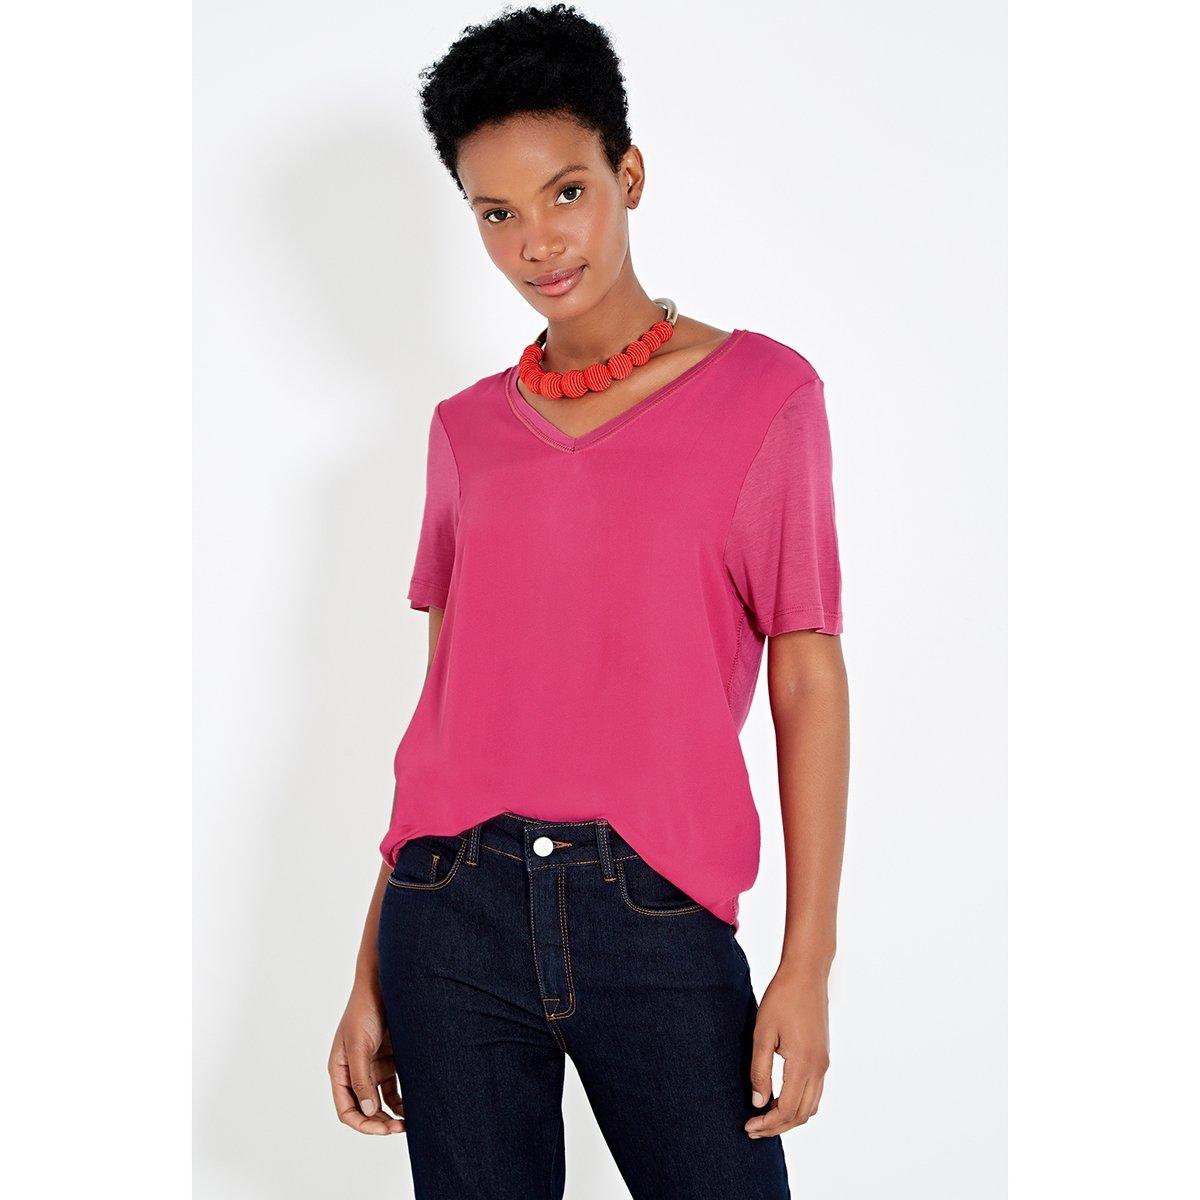 Basic Tecido Rosa Rosa Malha Malha Blusa E E Tecido Basic Blusa Blusa 0TvTqEPg